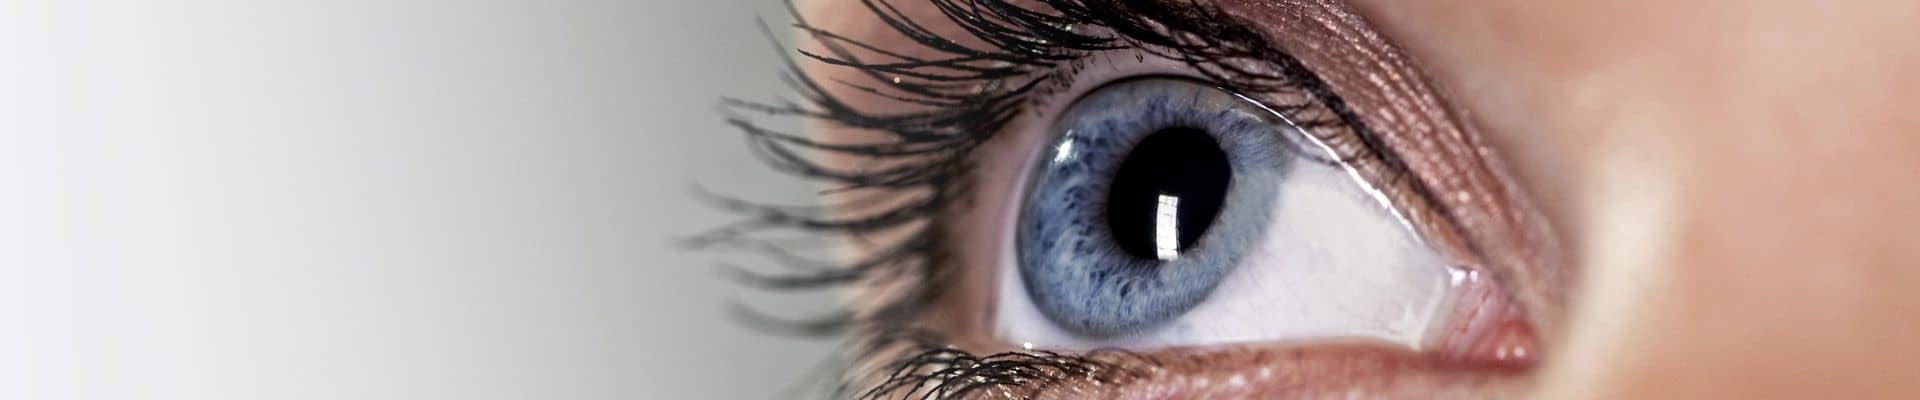 szemműtét a látáshoz